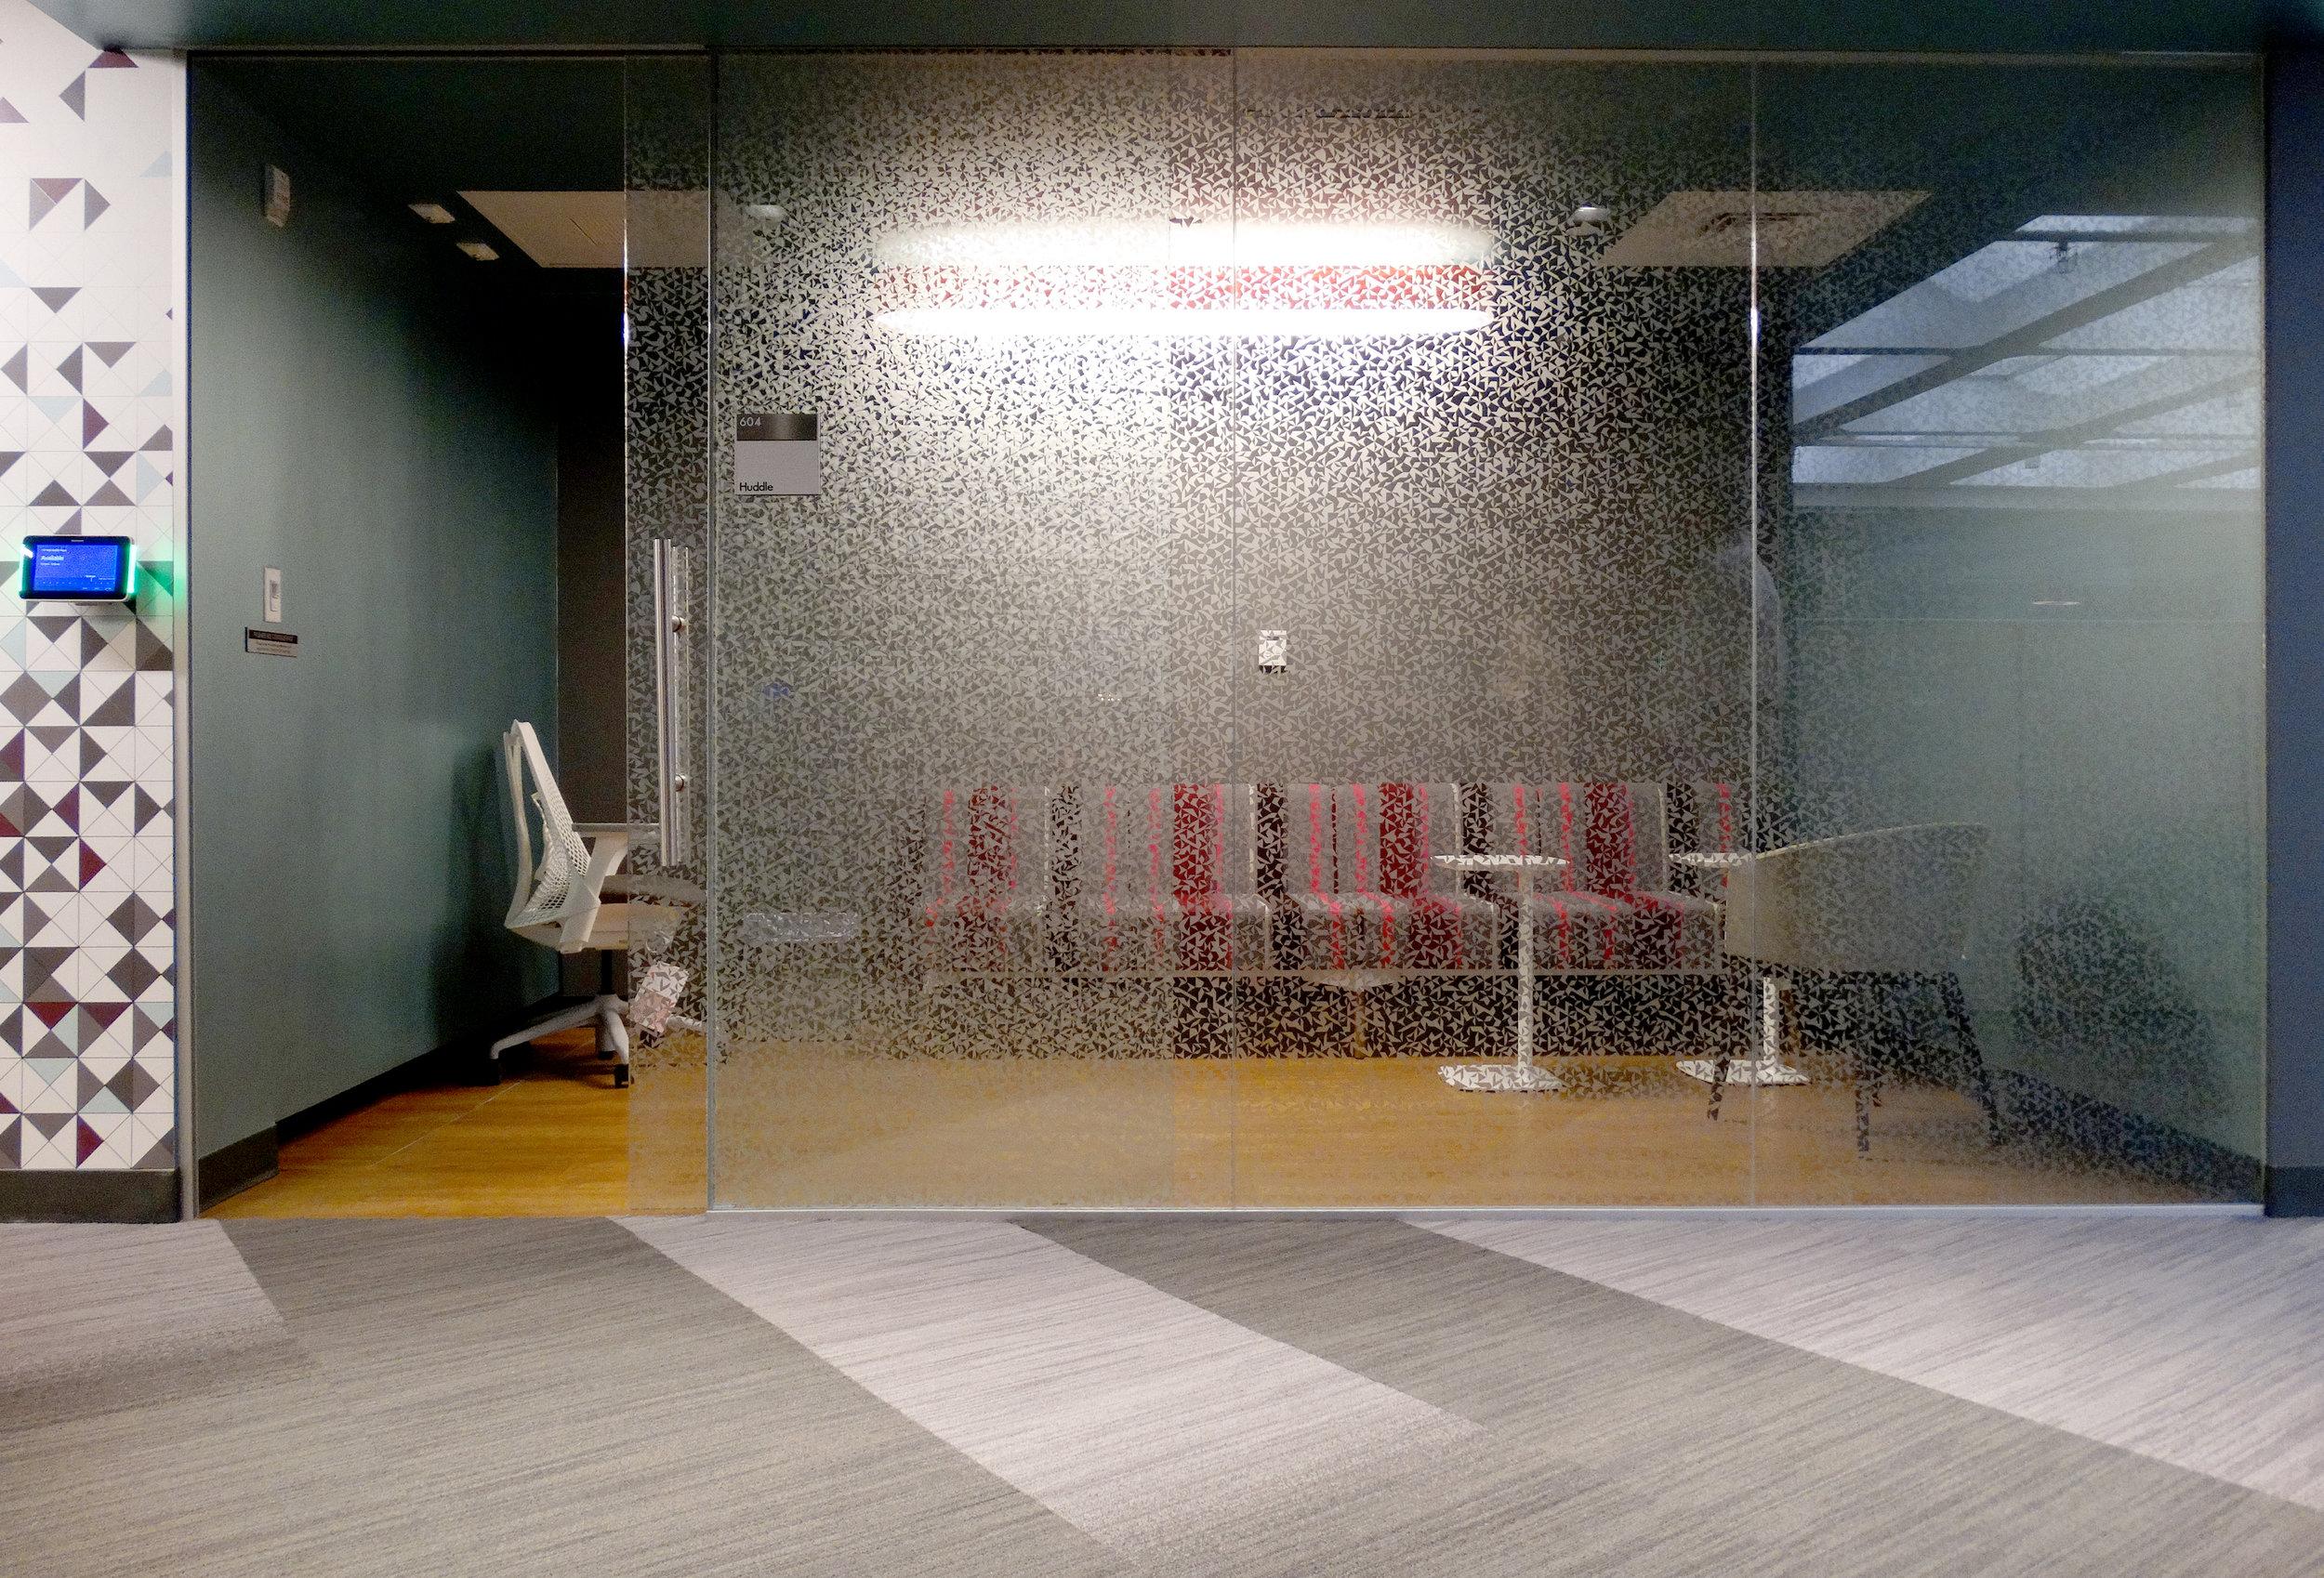 Illume Frameless Glass Sliding Door Specialty Glass - Spaceworks AI.jpg